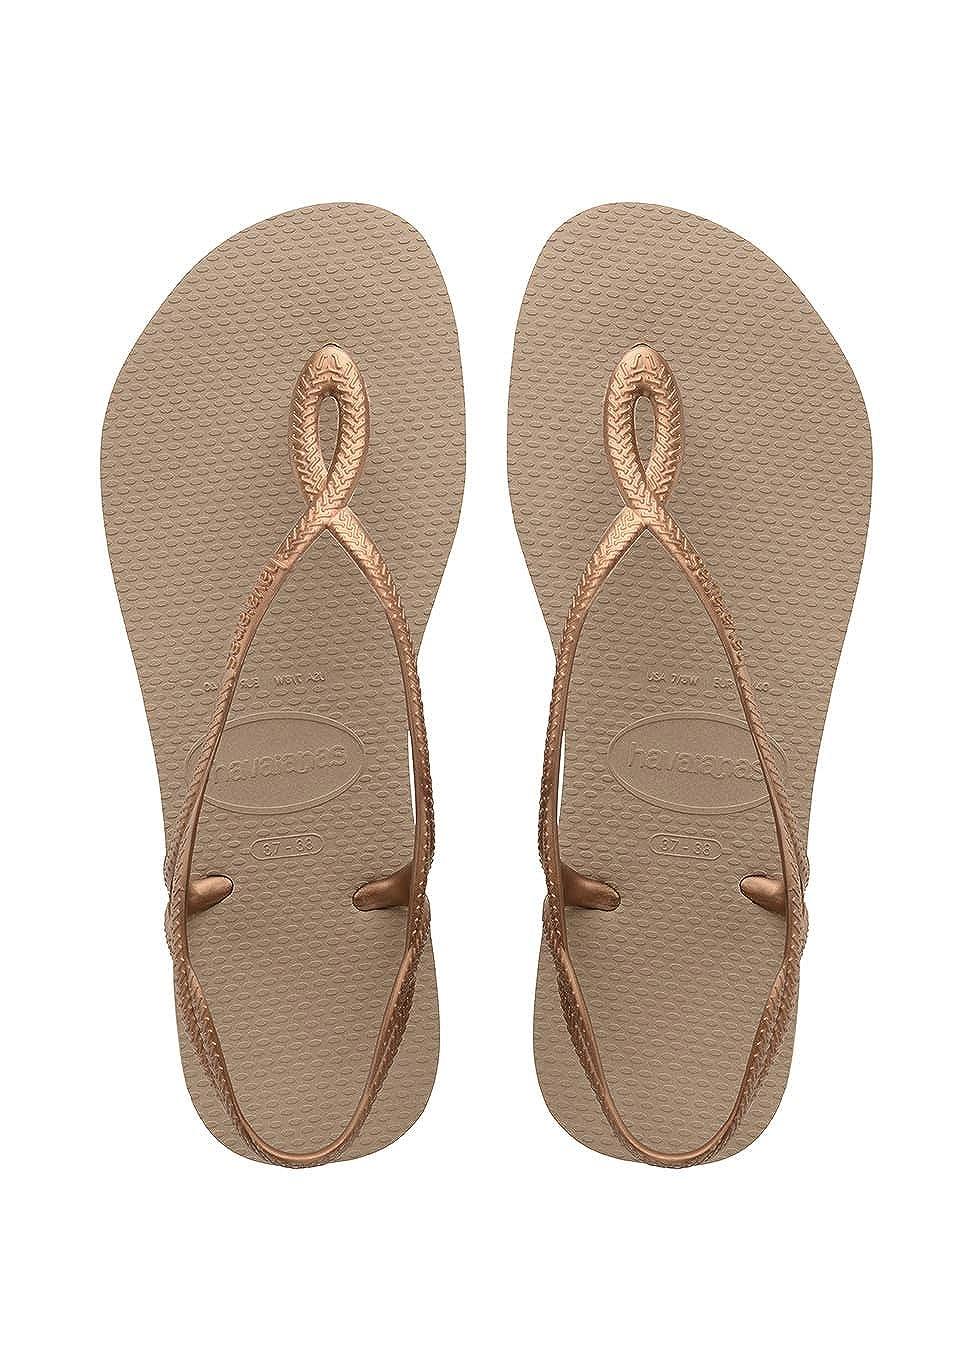 Sandalen für breite Füße günstig kaufen bei TAURO